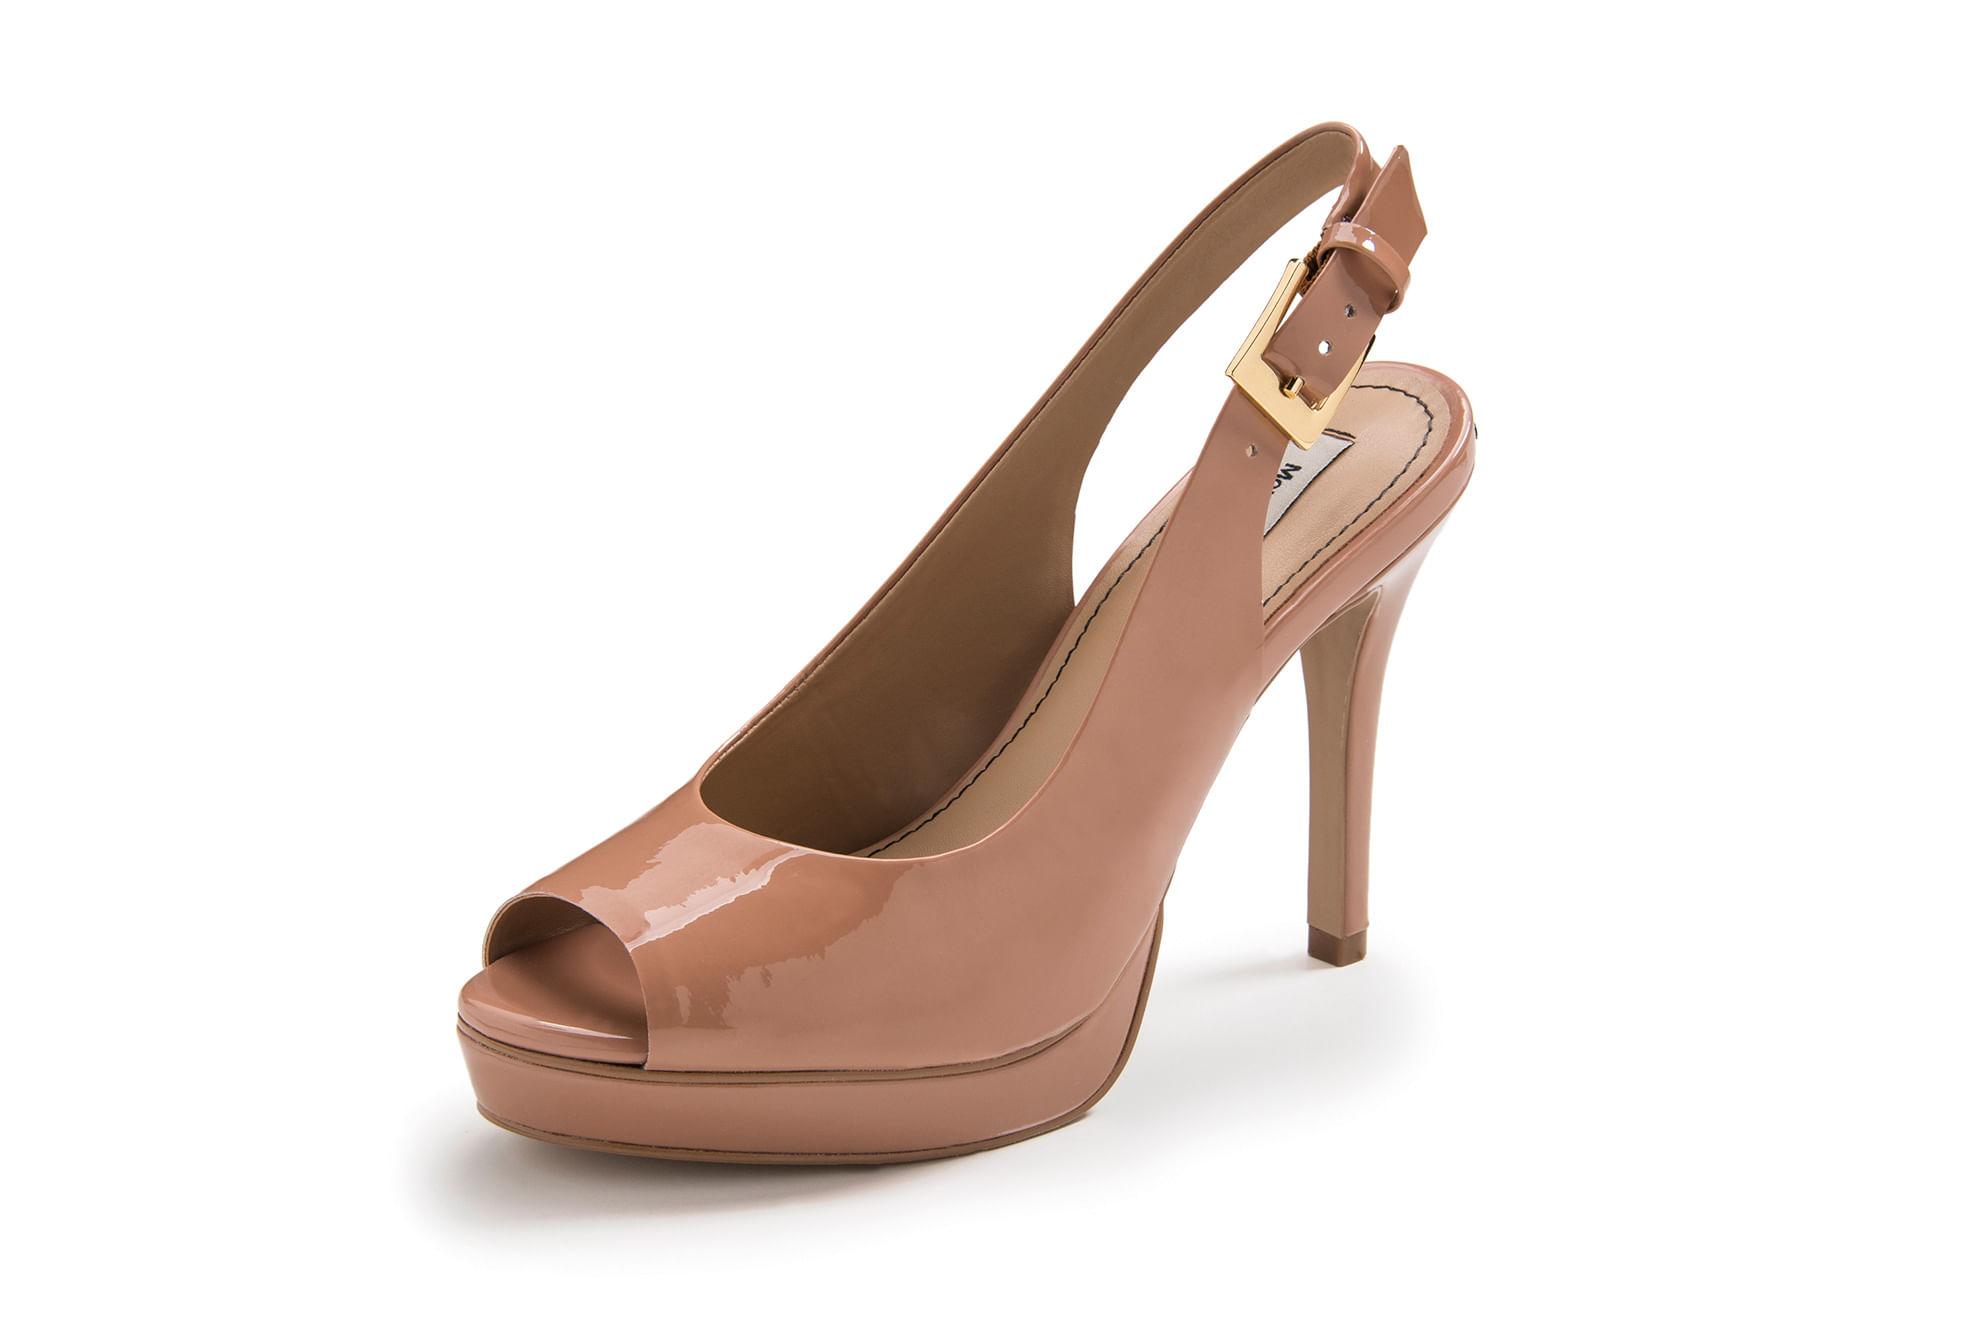 4964b2b983 morenarosa · Calçados · Sandálias · Sandalia Salto Alto Com Meia Pata Estilo  Chanel Nude